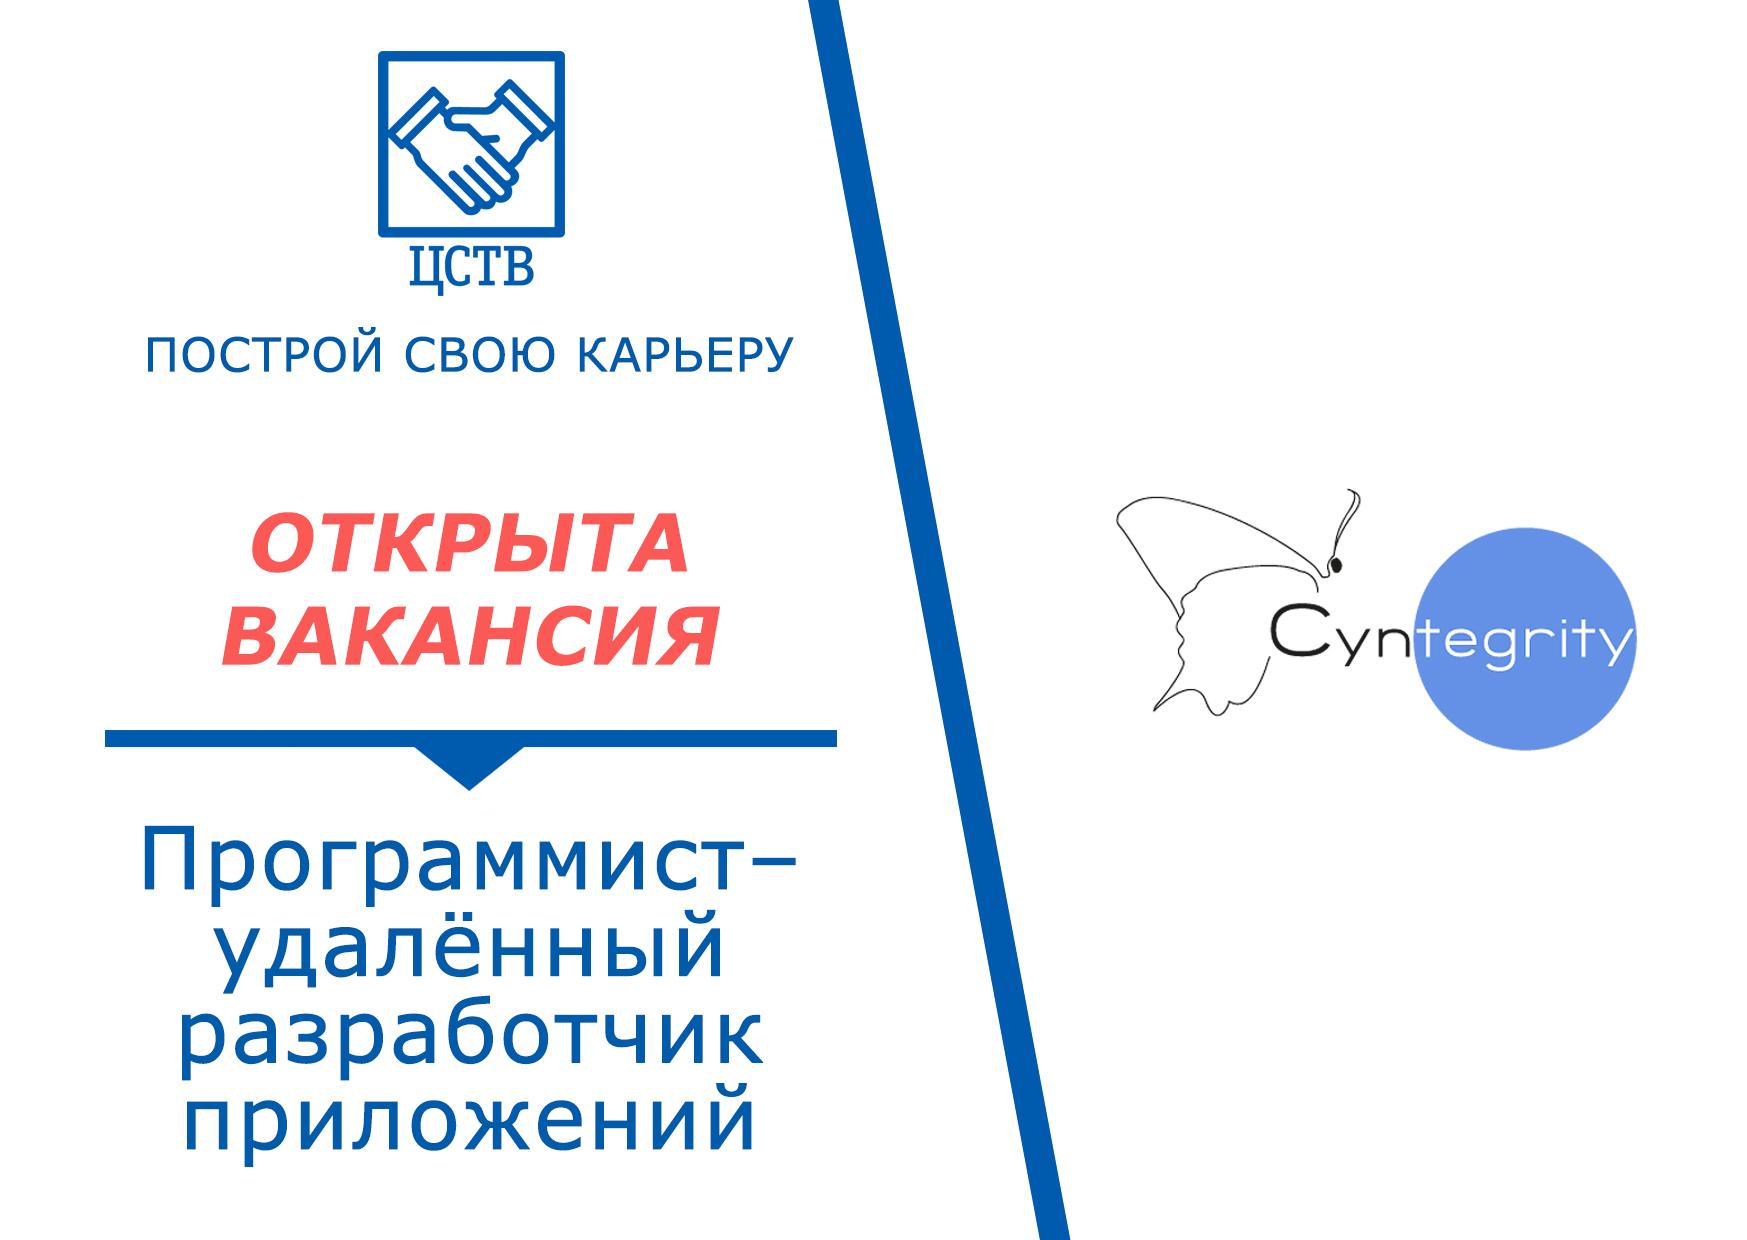 Выпускникам ТУСУРа предлагают вакансии с зарплатой до 200 тысяч рублей